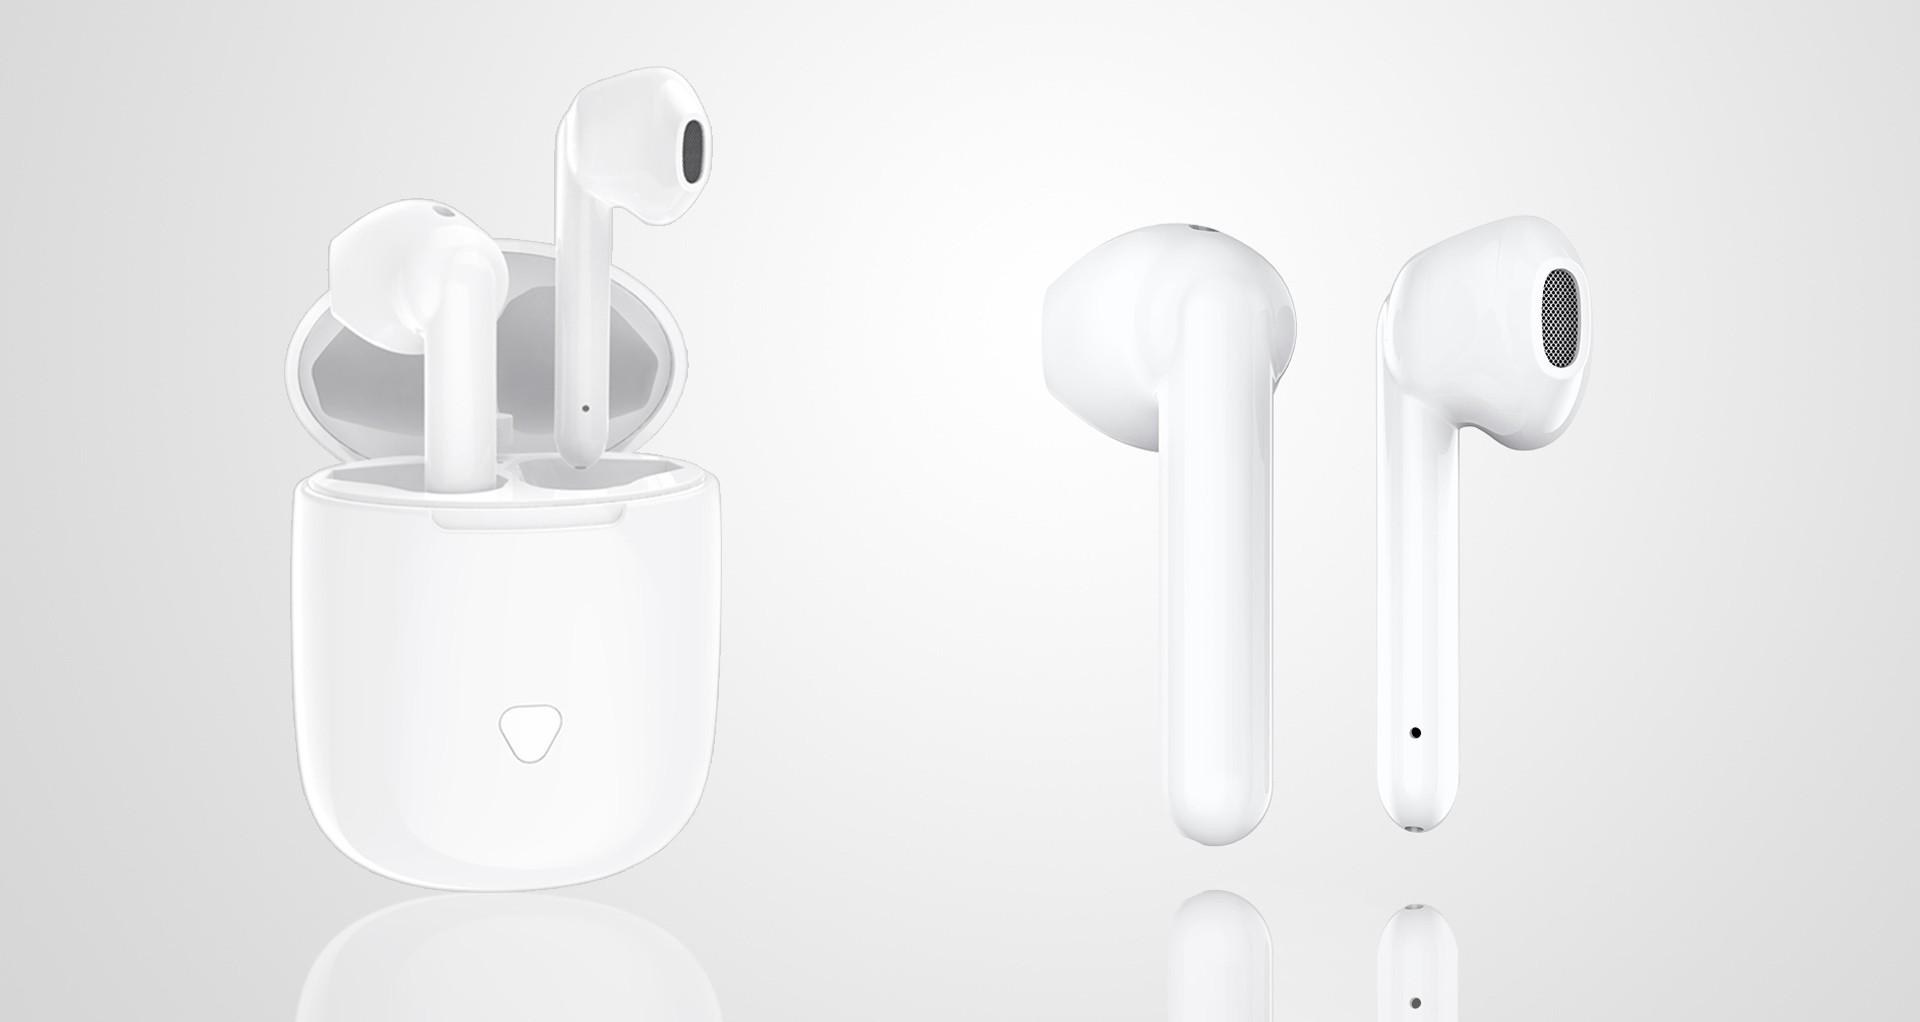 Tai Nghe Bluetooth Soundpeats TrueAir mang vẻ đẹp thiên thần